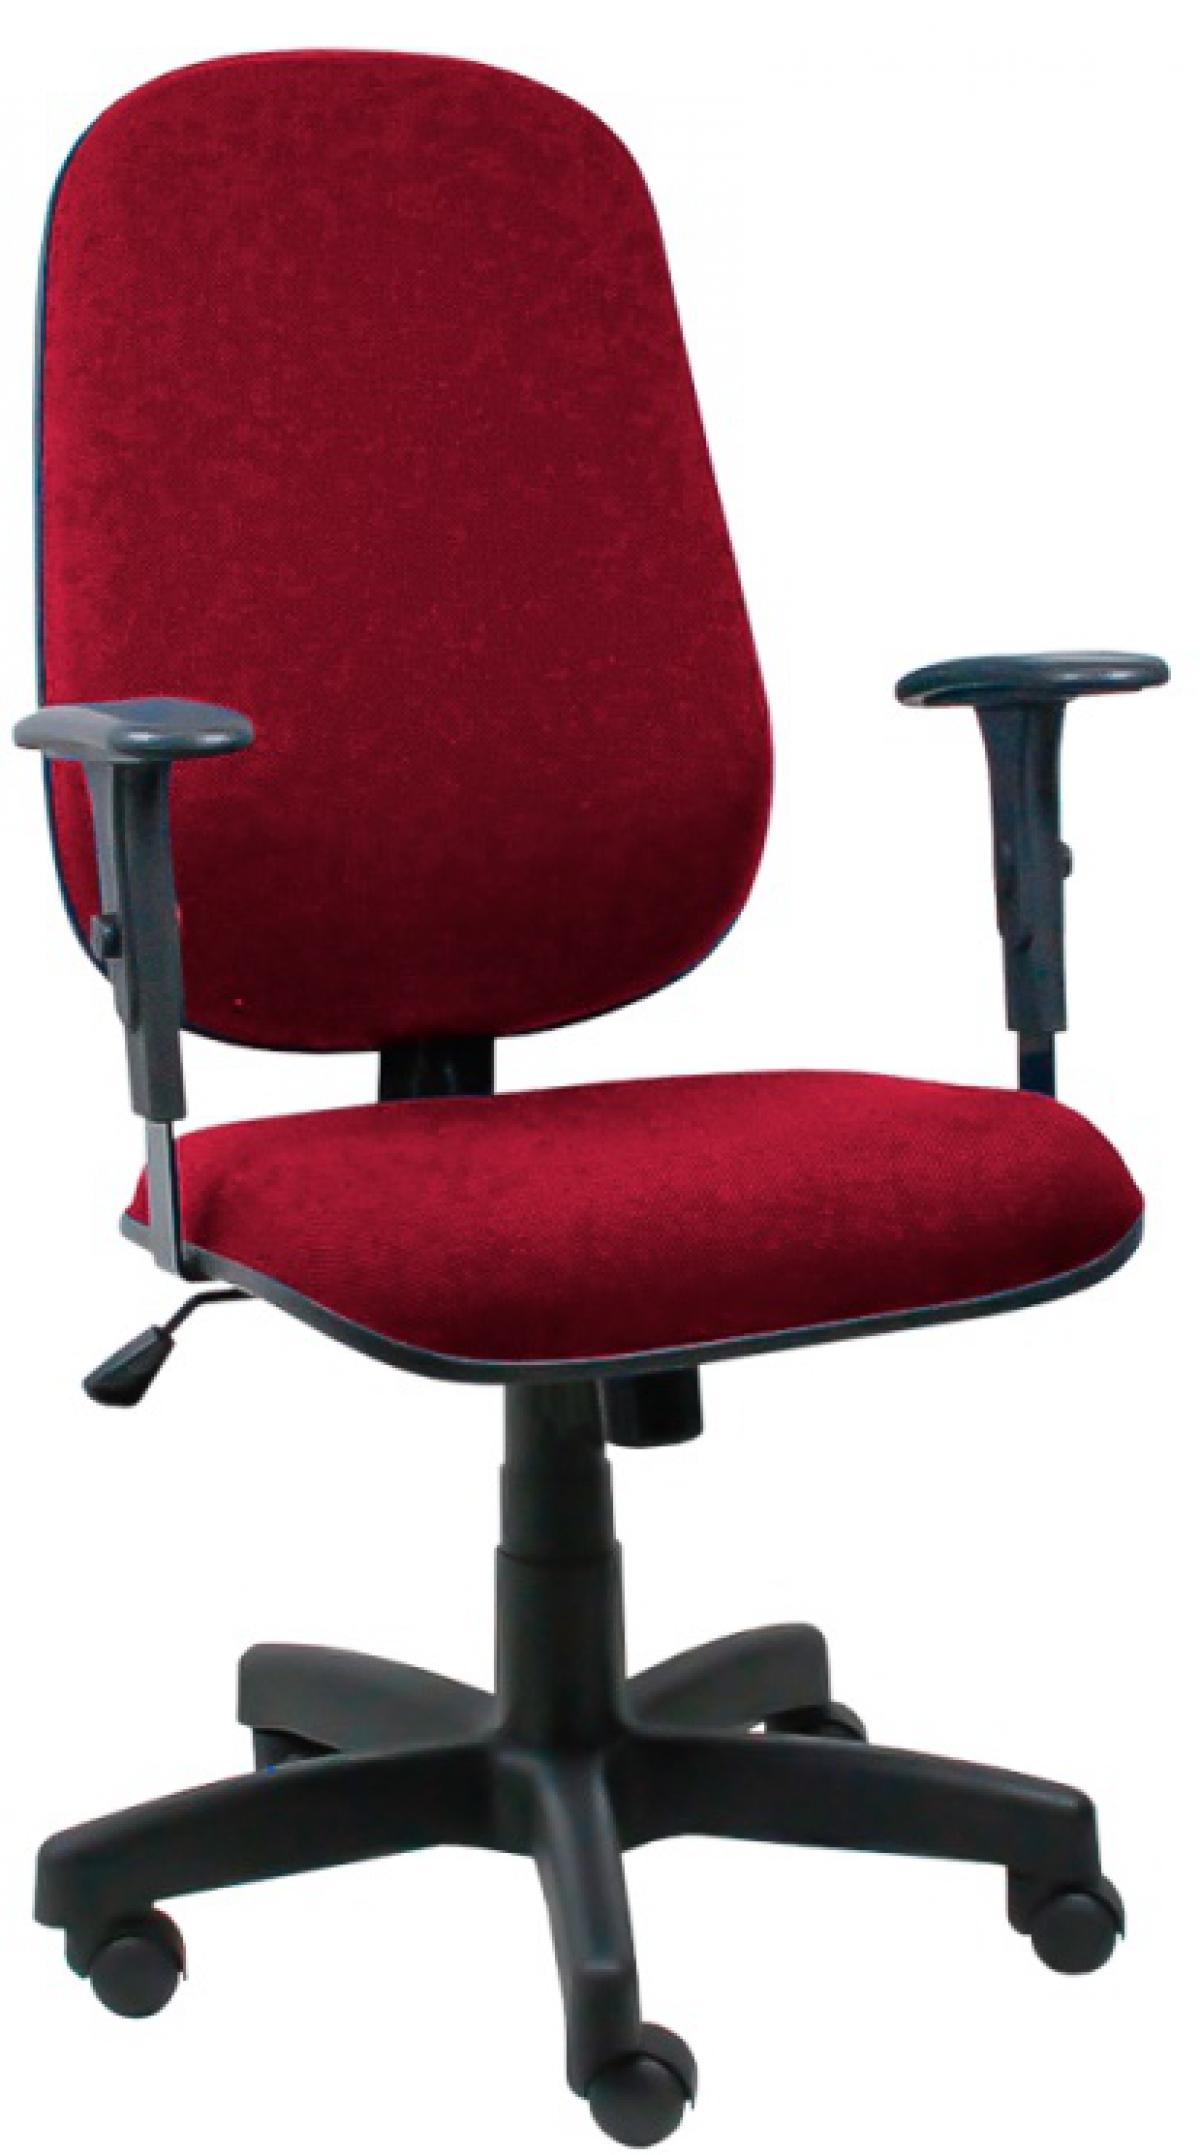 CAD - 39 Cadeira De Escritório Presidente Giratória Com Braço Estofada Varias Cores